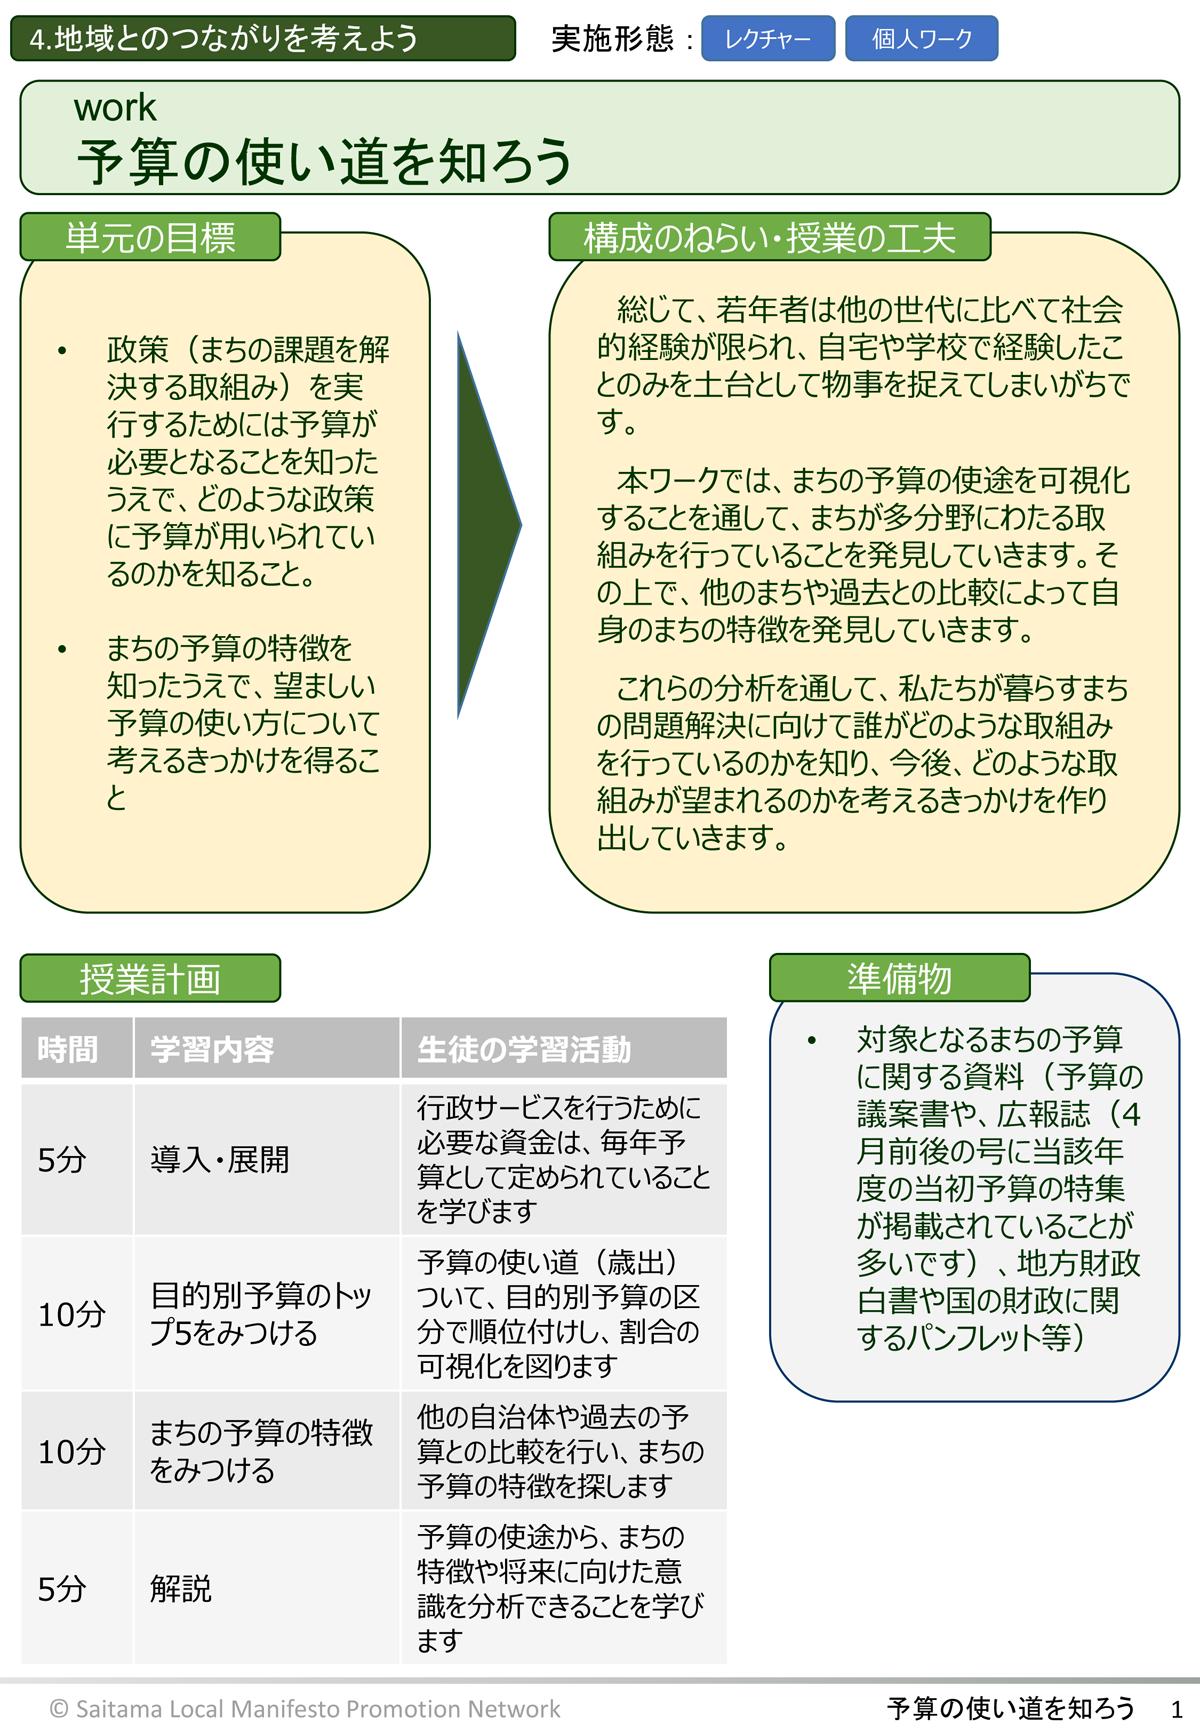 副教材『予算の使い道を知ろう』より(スライド1)